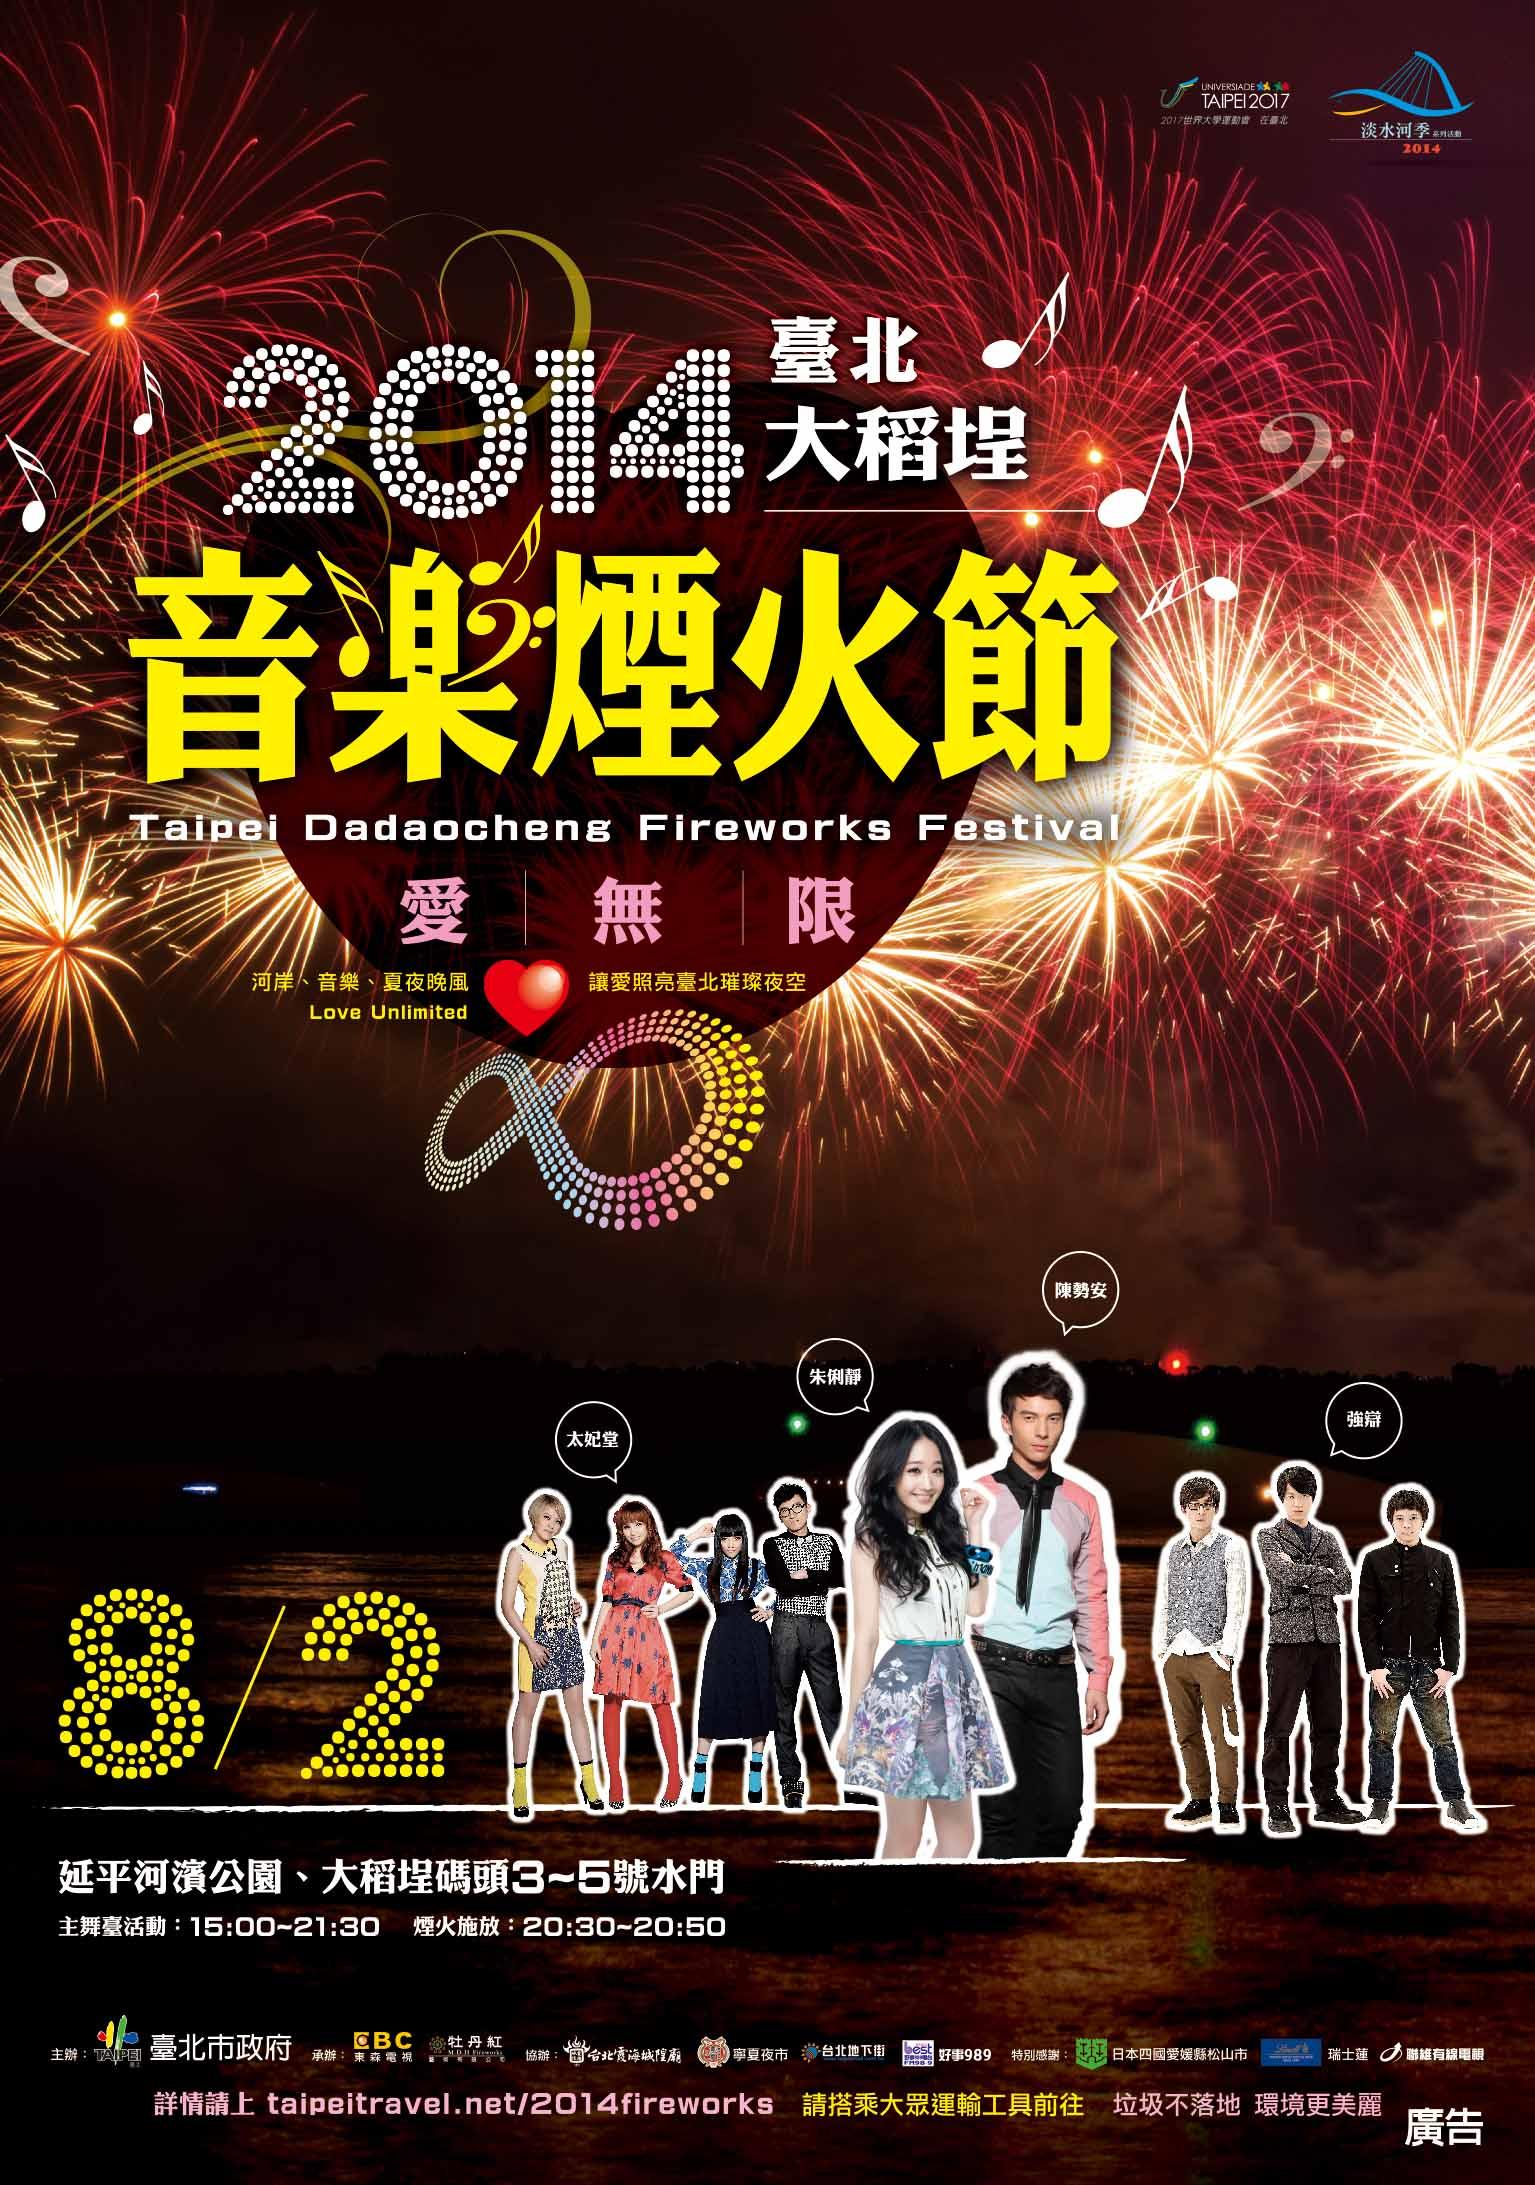 2014臺北大稻埕音樂煙火節